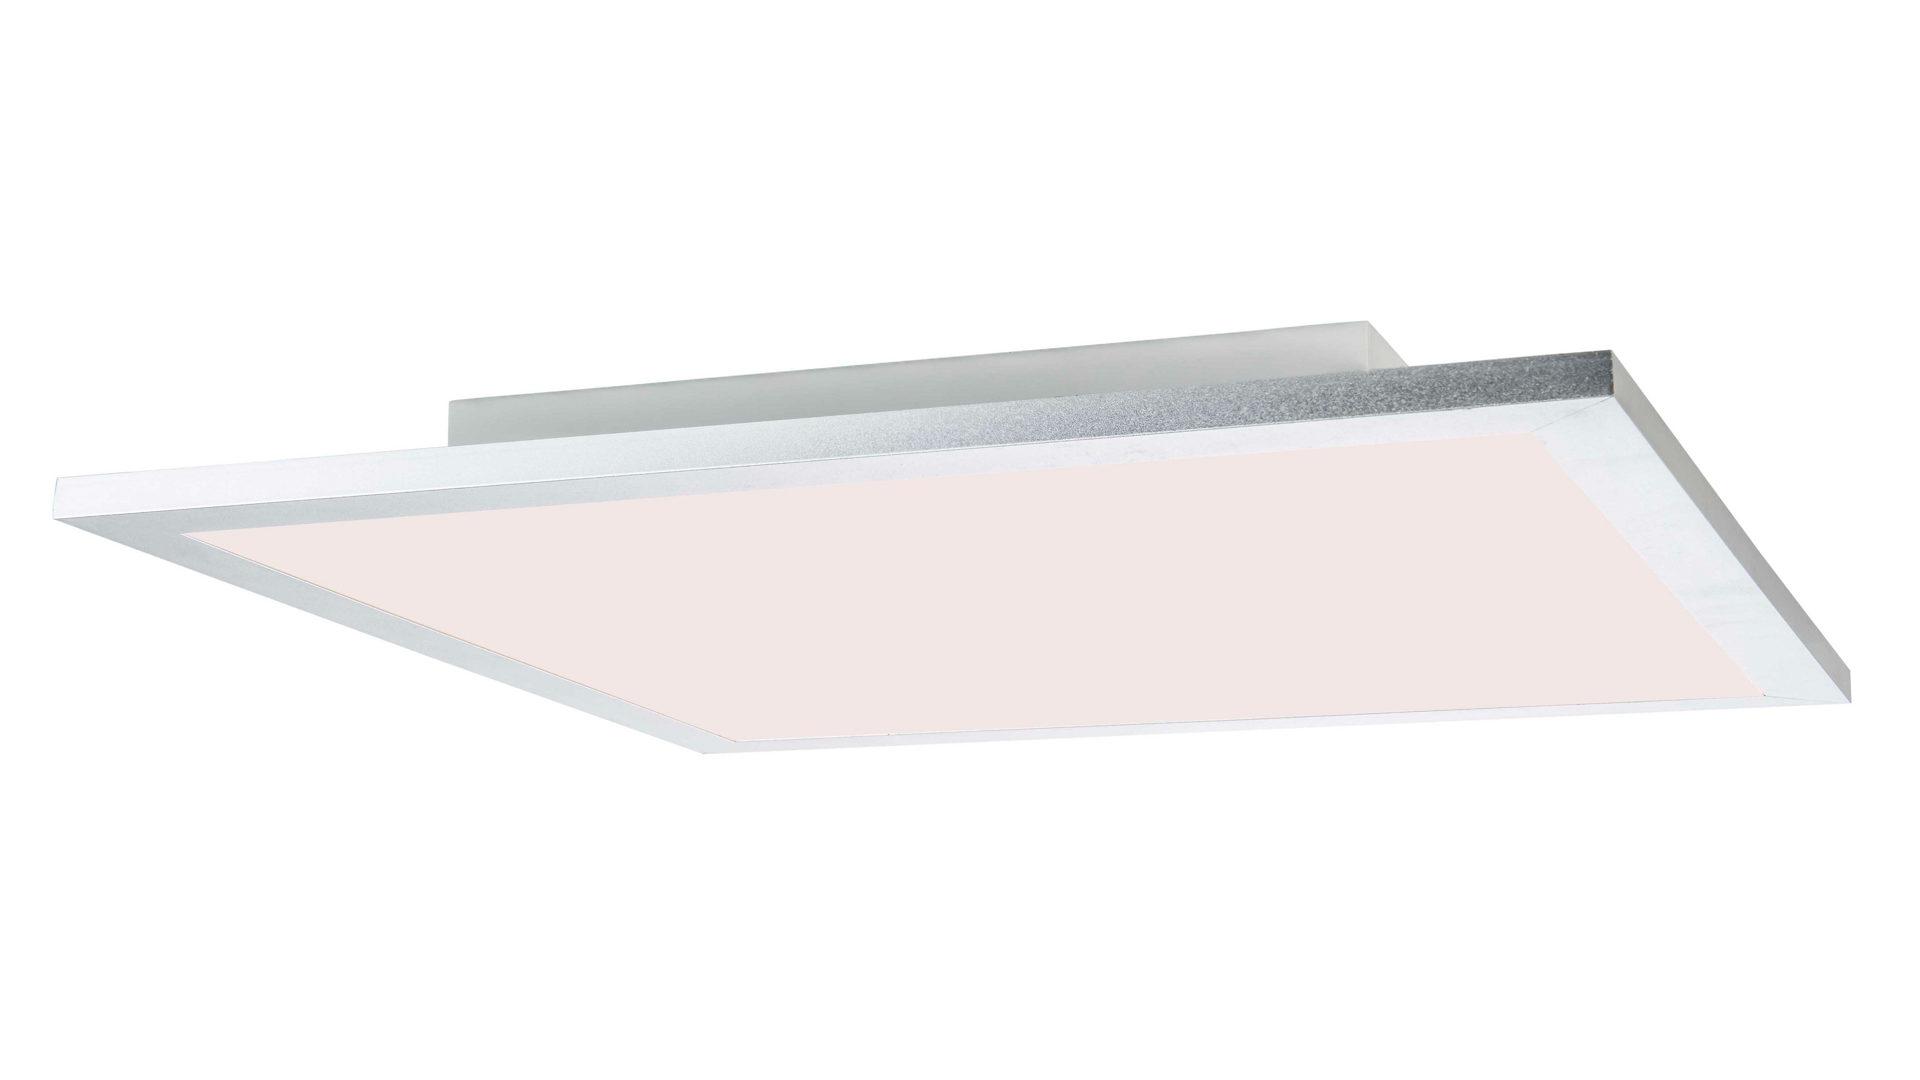 Led Lampen Panel : Wohnland breitwieser räume schlafzimmer lampen leuchten led